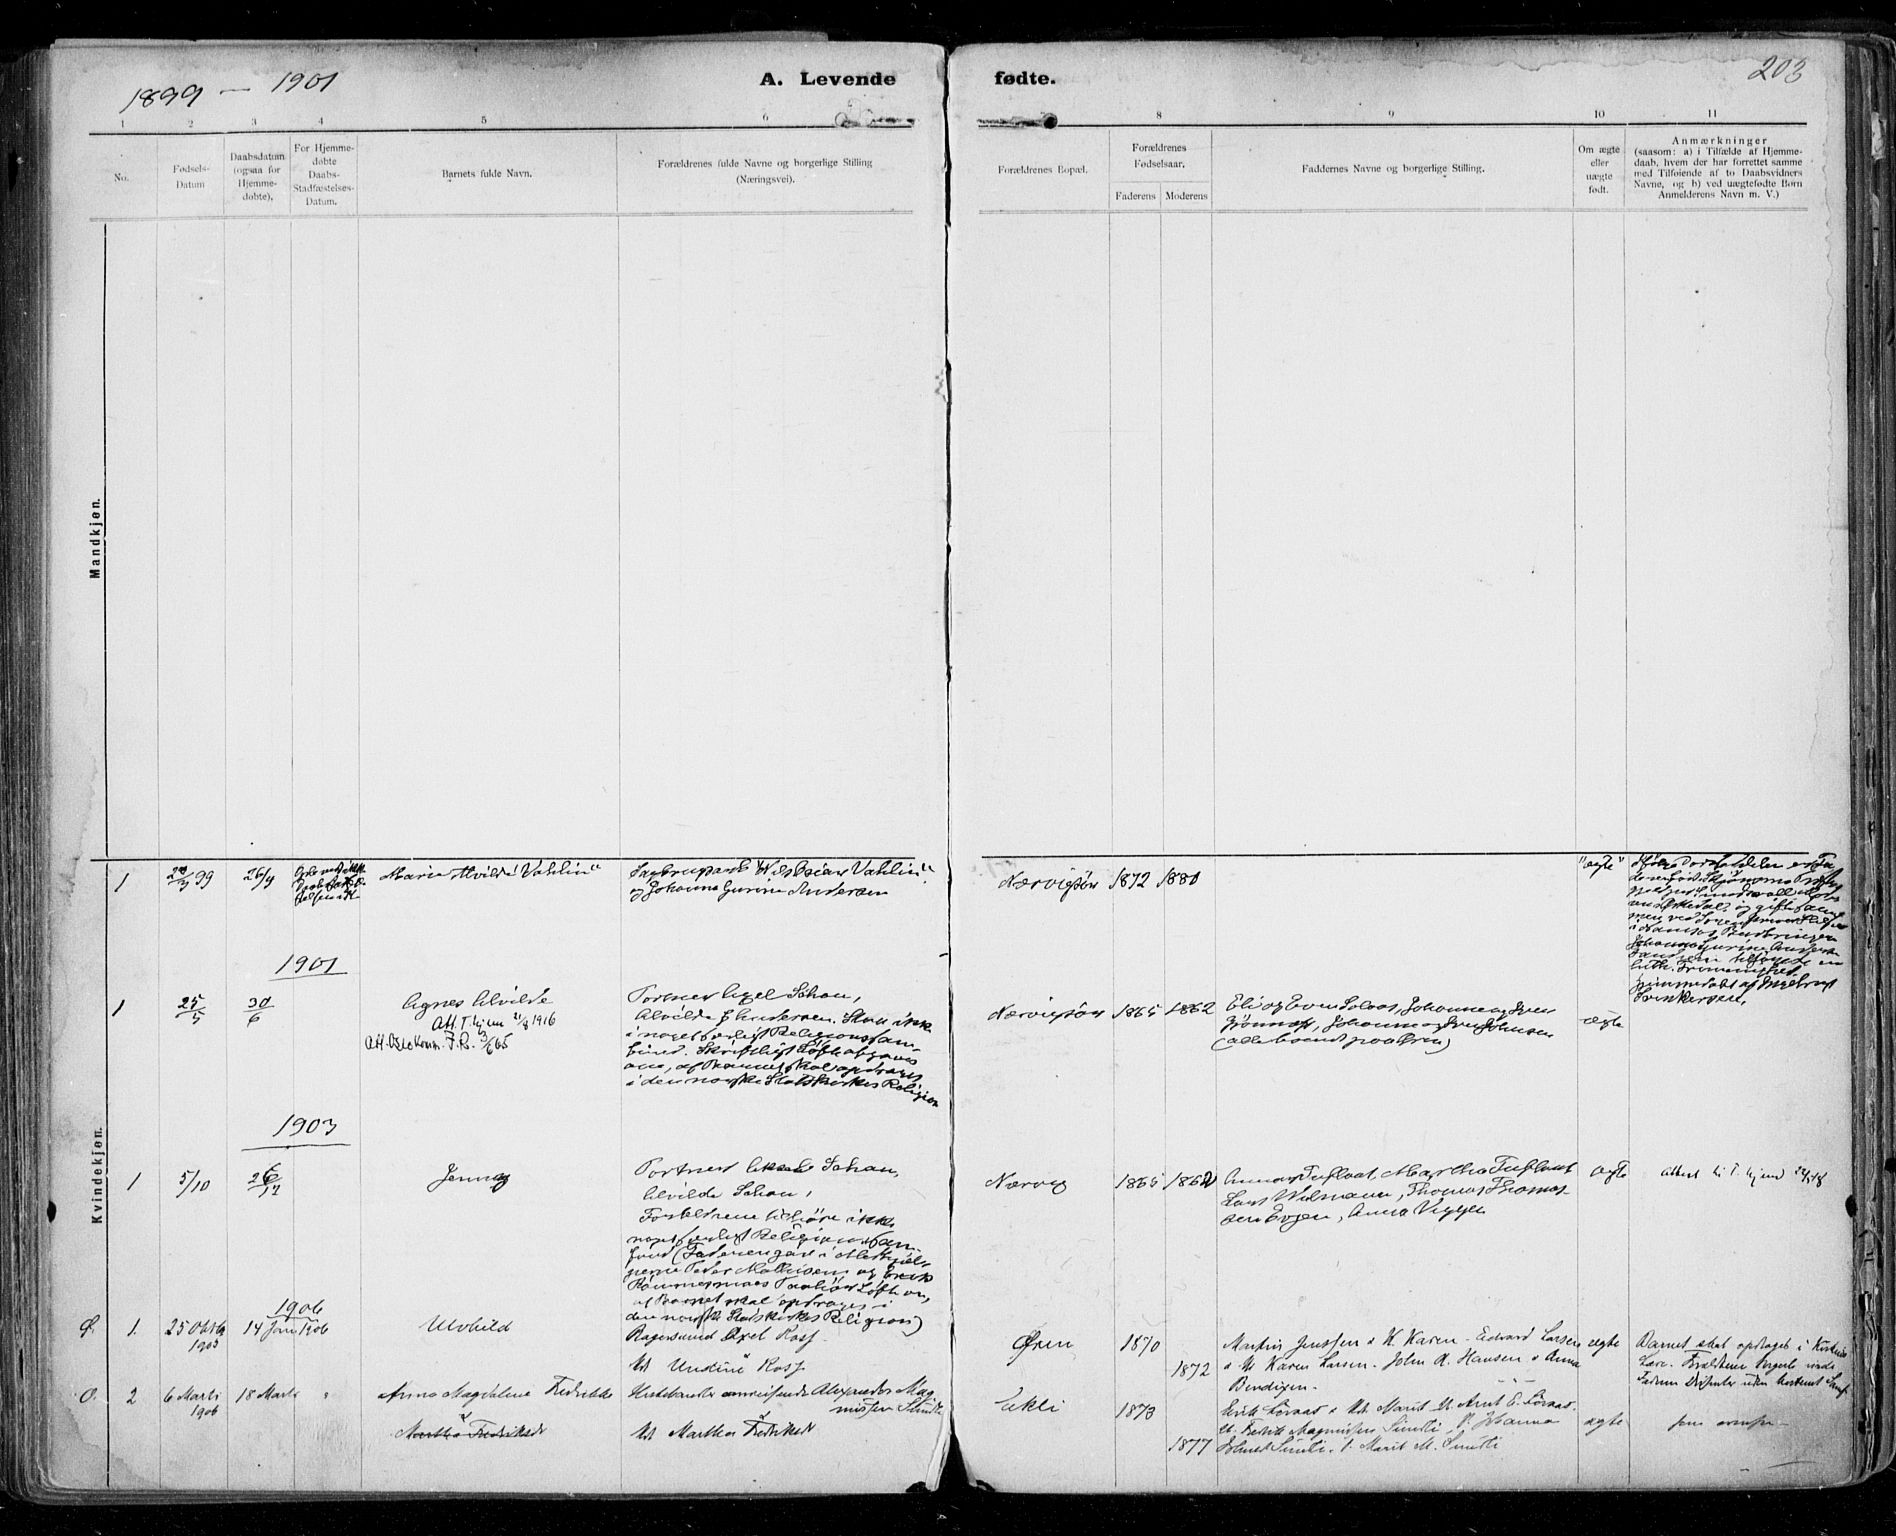 SAT, Ministerialprotokoller, klokkerbøker og fødselsregistre - Sør-Trøndelag, 668/L0811: Ministerialbok nr. 668A11, 1894-1913, s. 203